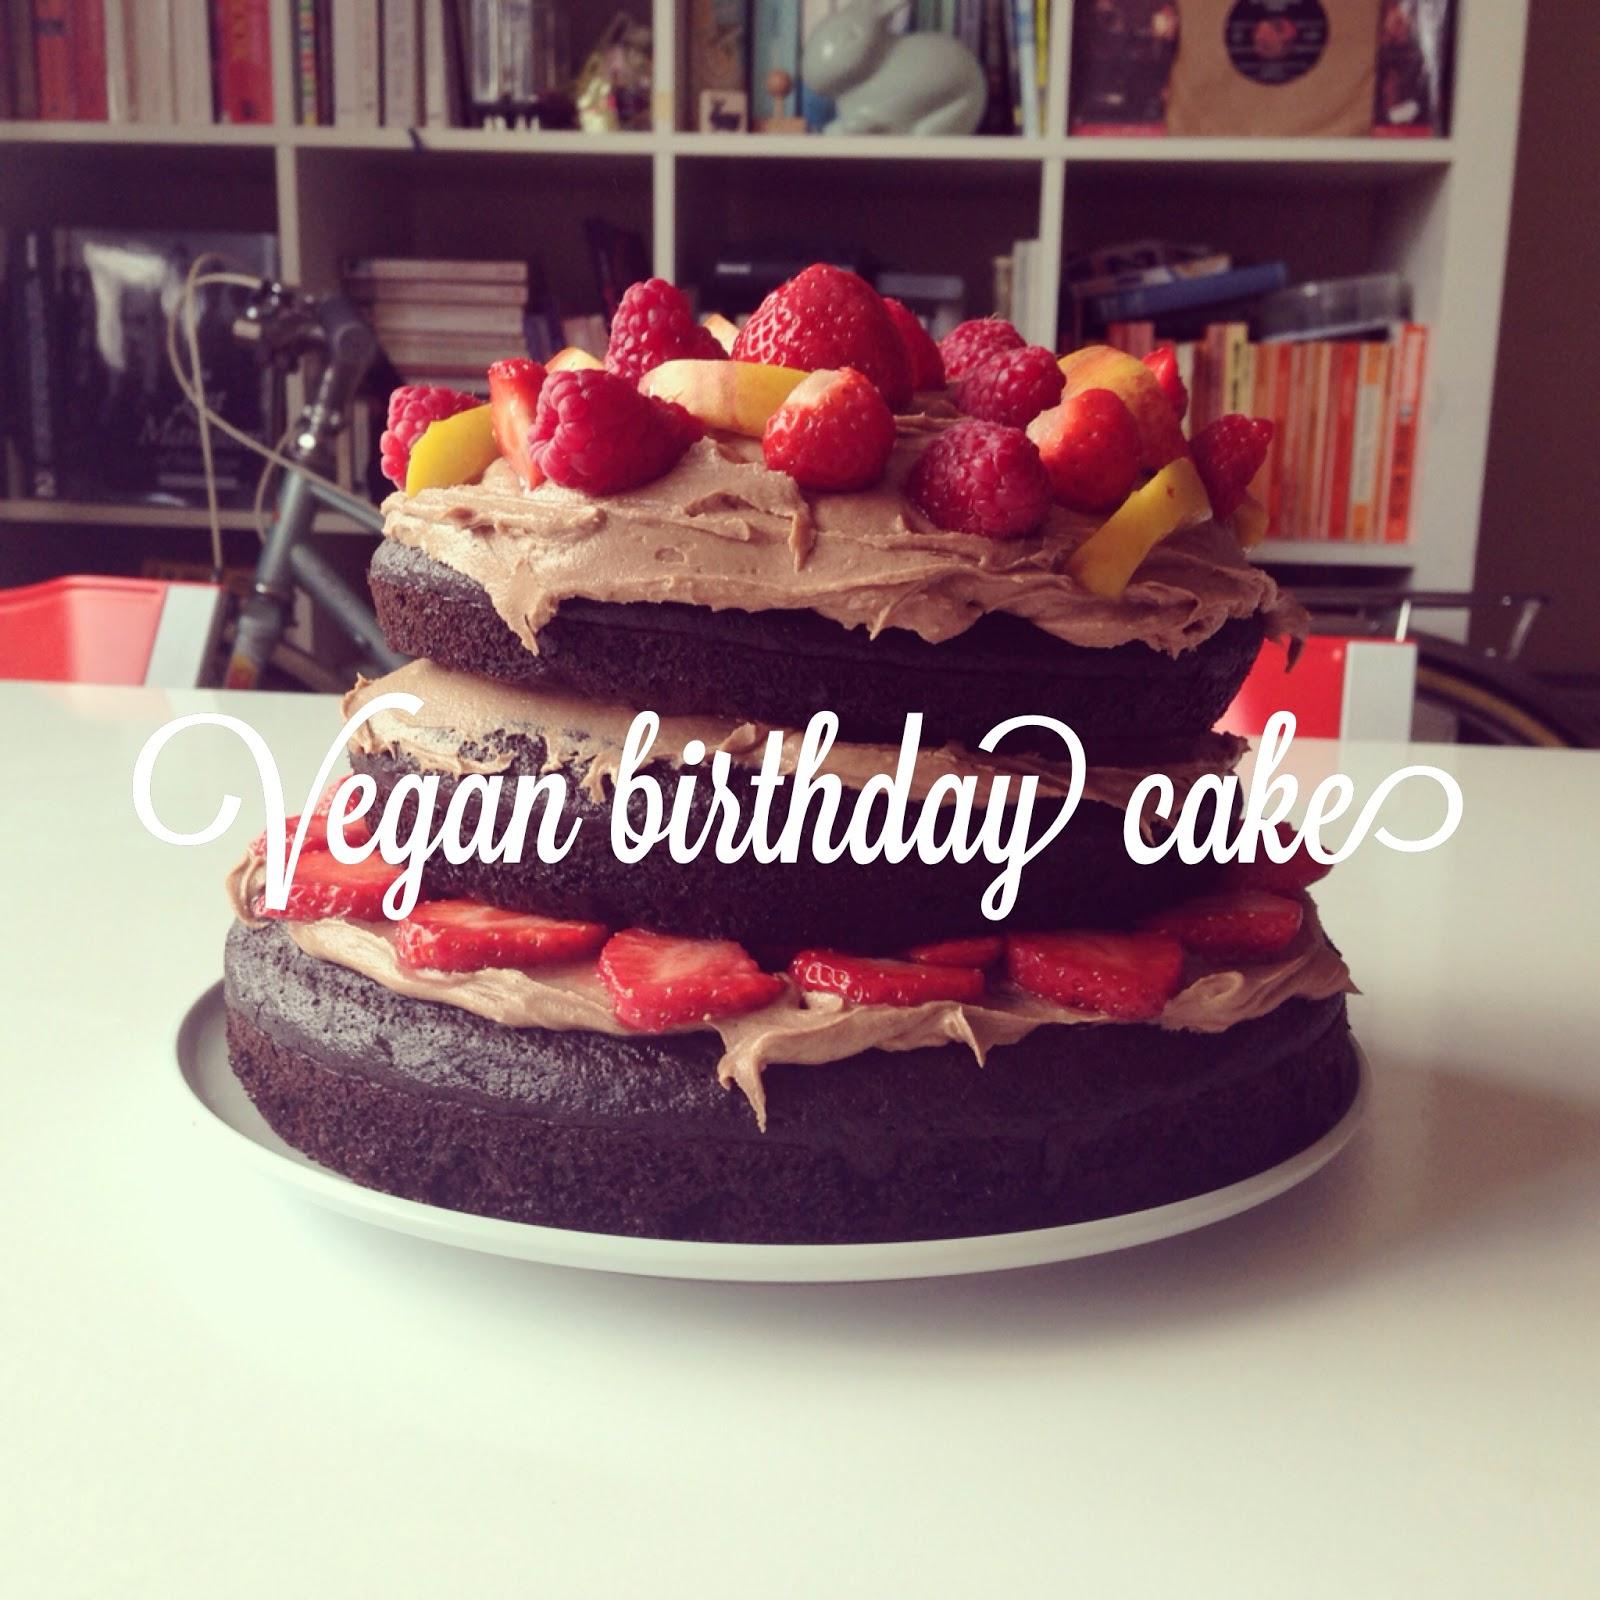 Guac And Roll: Vegan Chocolate Birthday Cake